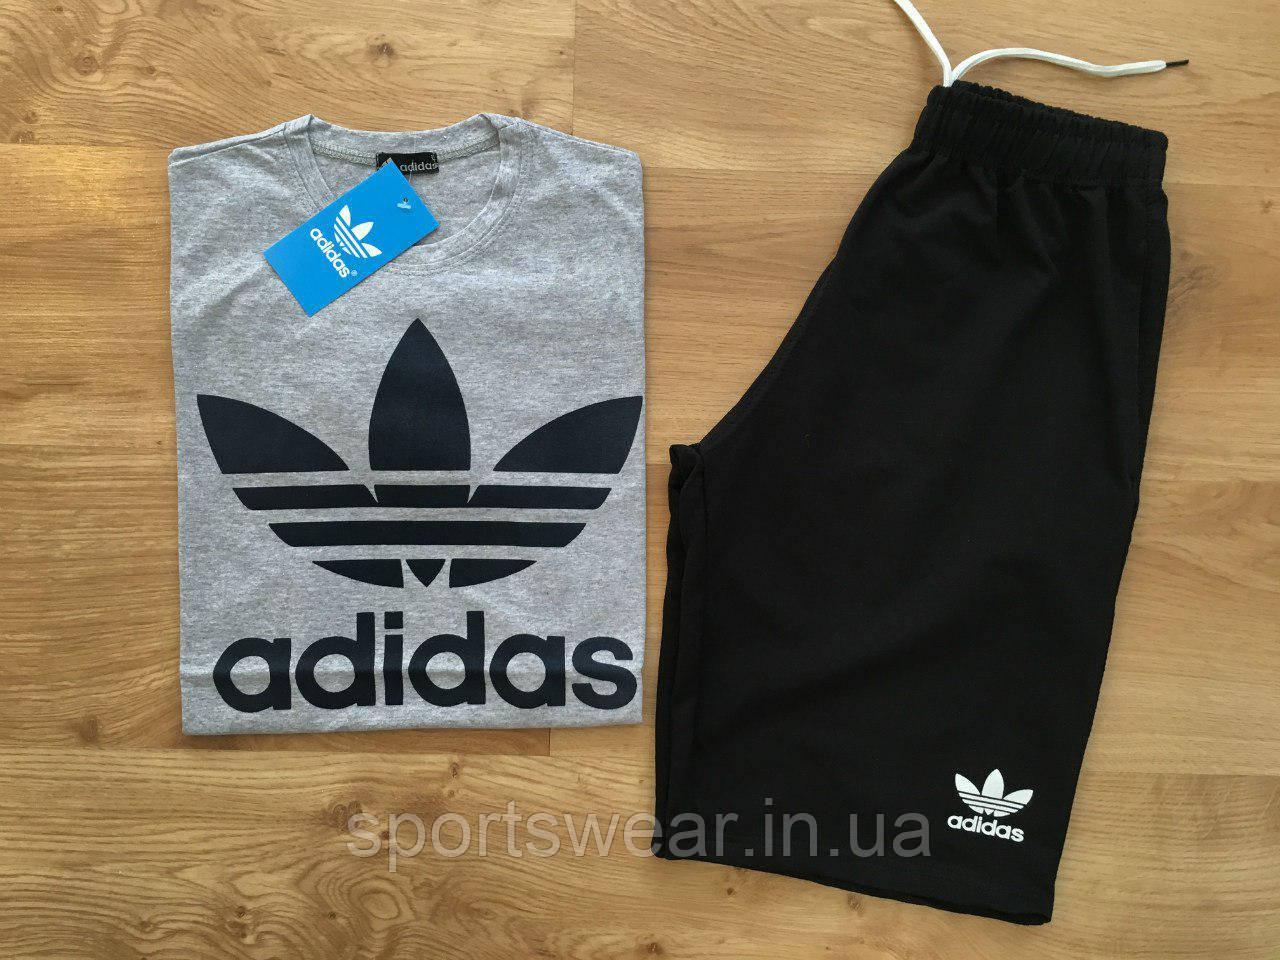 Мужской комплект футболка + шорты Adidas серого и черного цвета